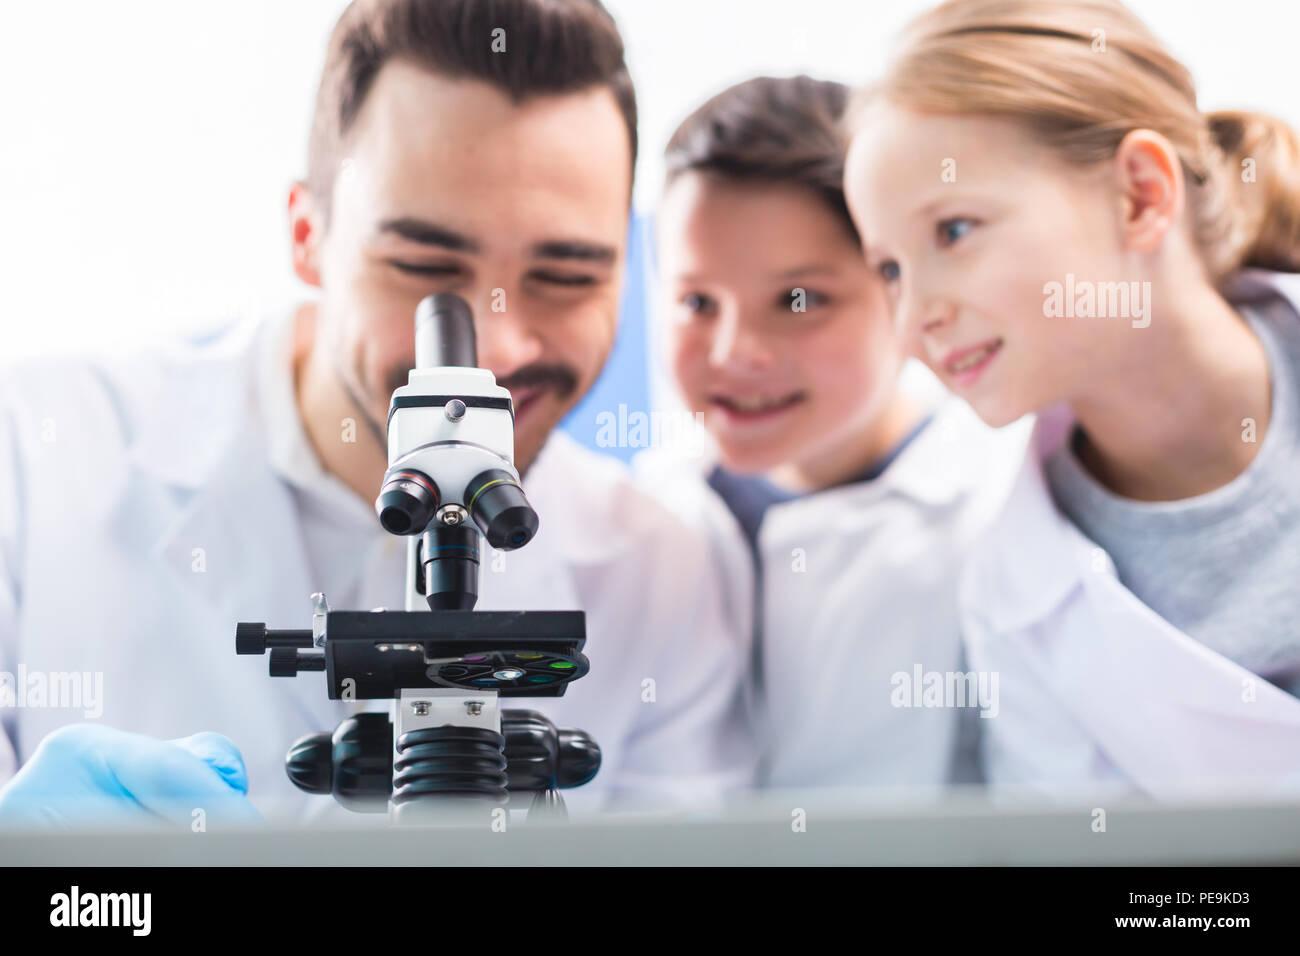 Meine glückwünsche selektiver fokus der professionellen mikroskop